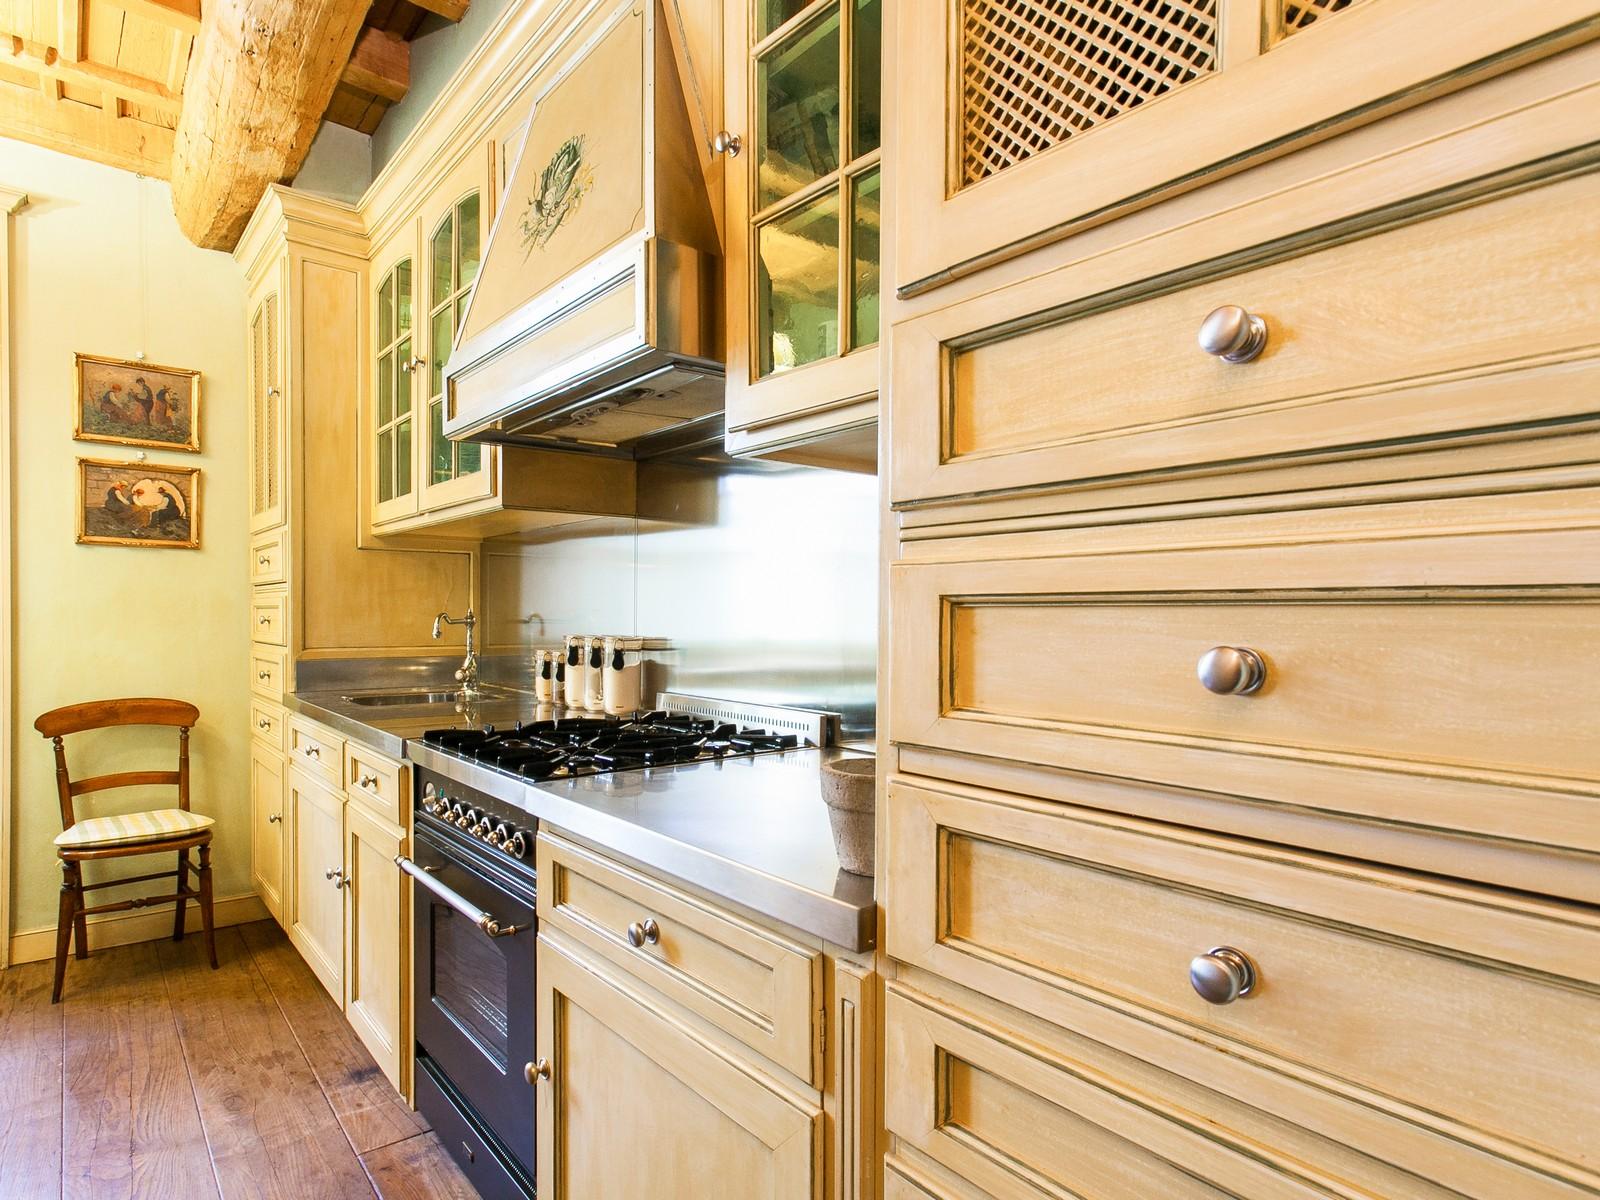 Appartamento di lusso in affitto a milano corso magenta for Appartamento design affitto milano